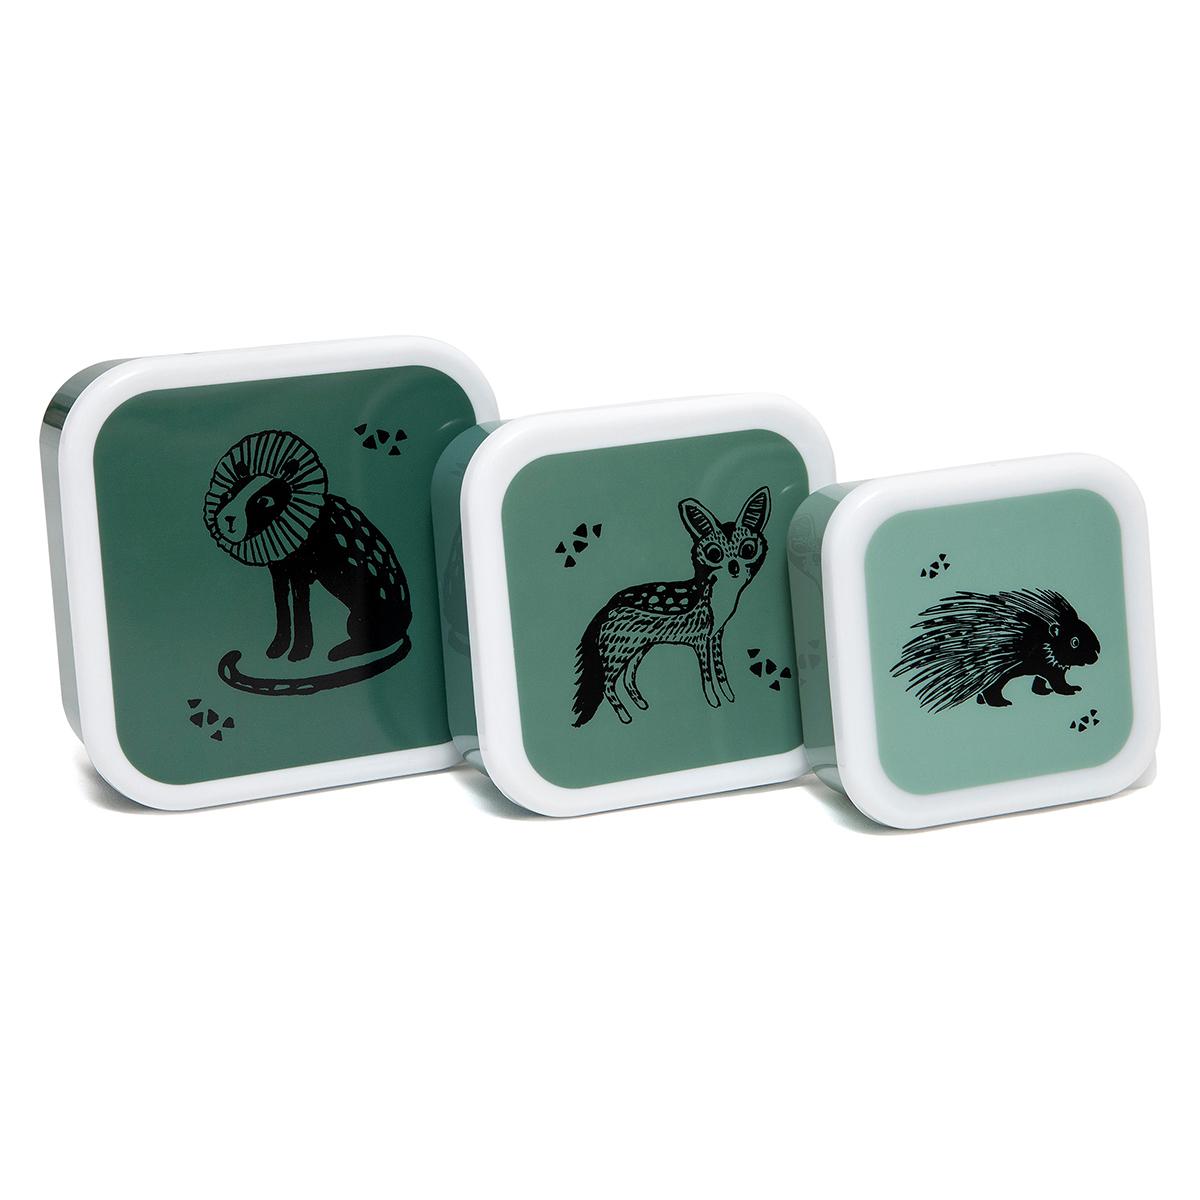 Vaisselle & Couvert Lot de 3 Boîtes à Goûter Gigognes - Animaux Lot de 3 Boîtes à Goûter Gigognes - Animaux